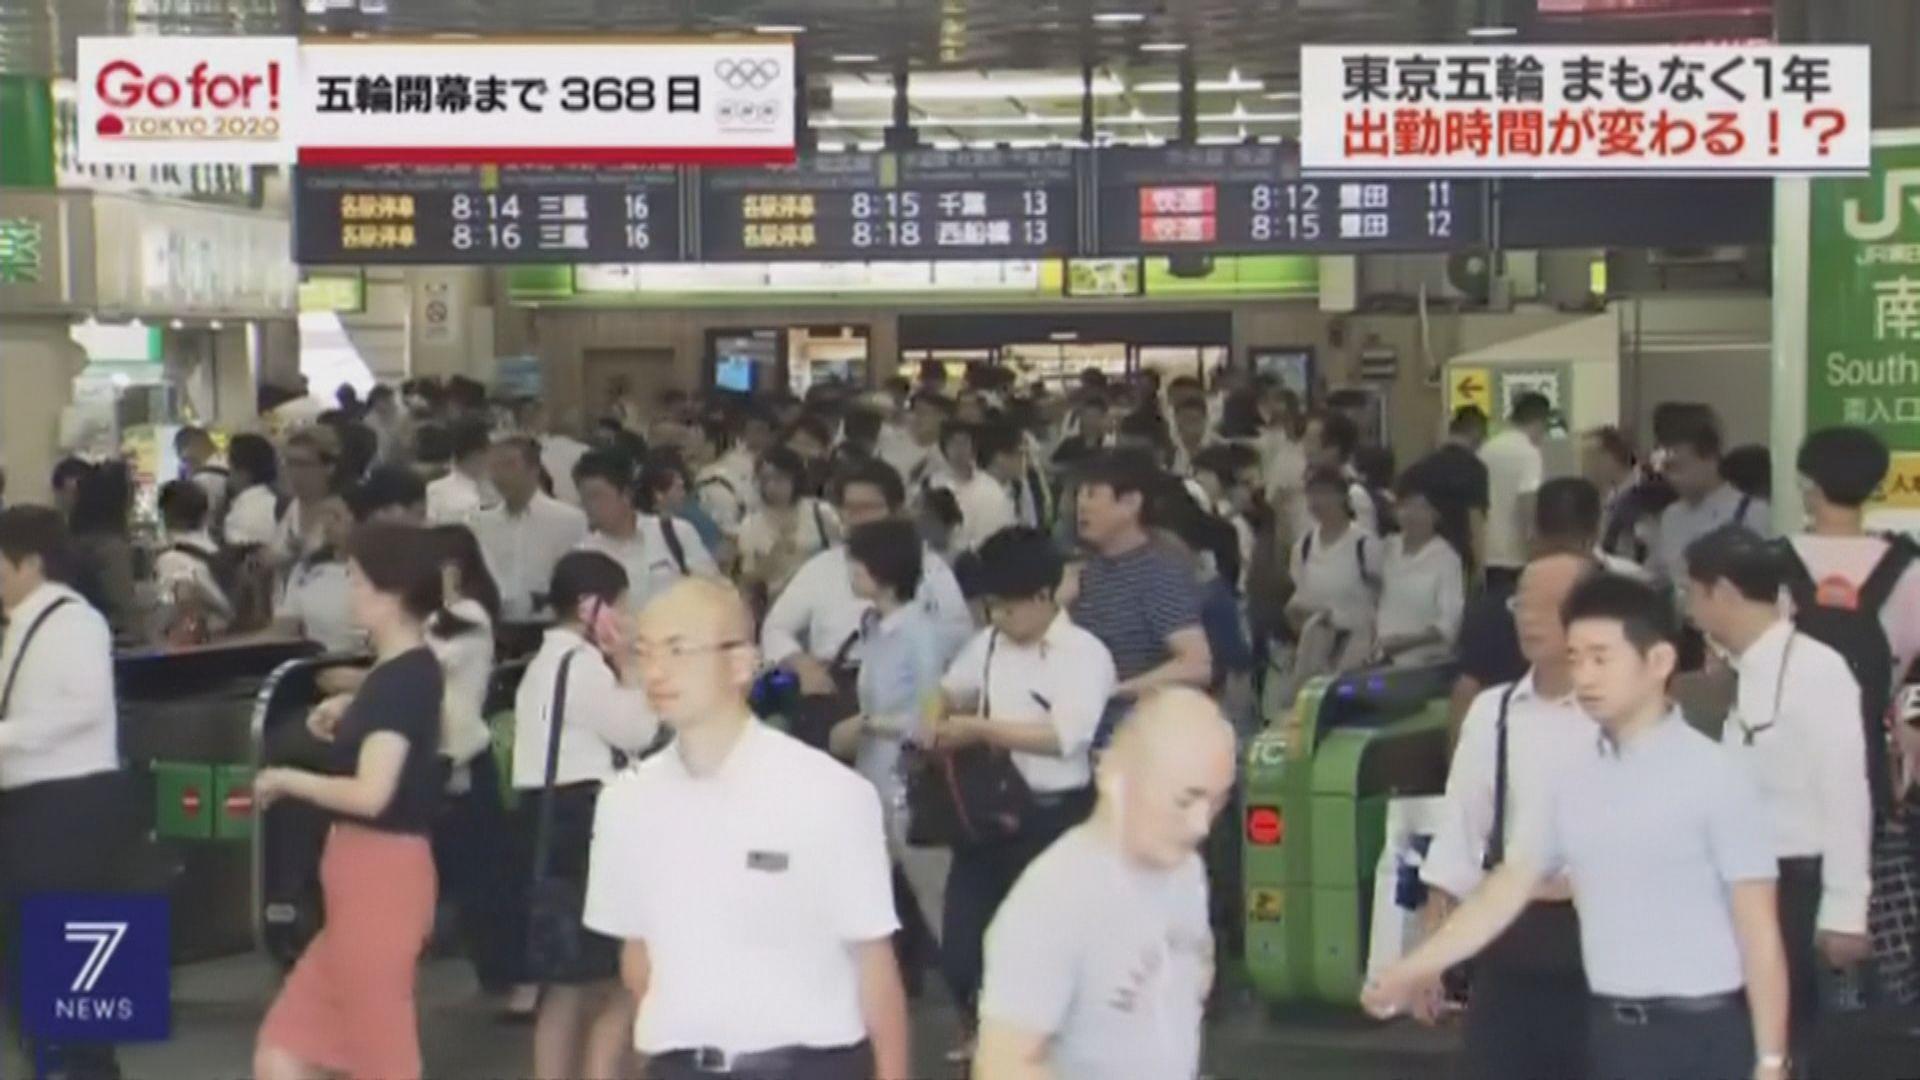 東京政府及企業試行彈性上班時間疏導交通